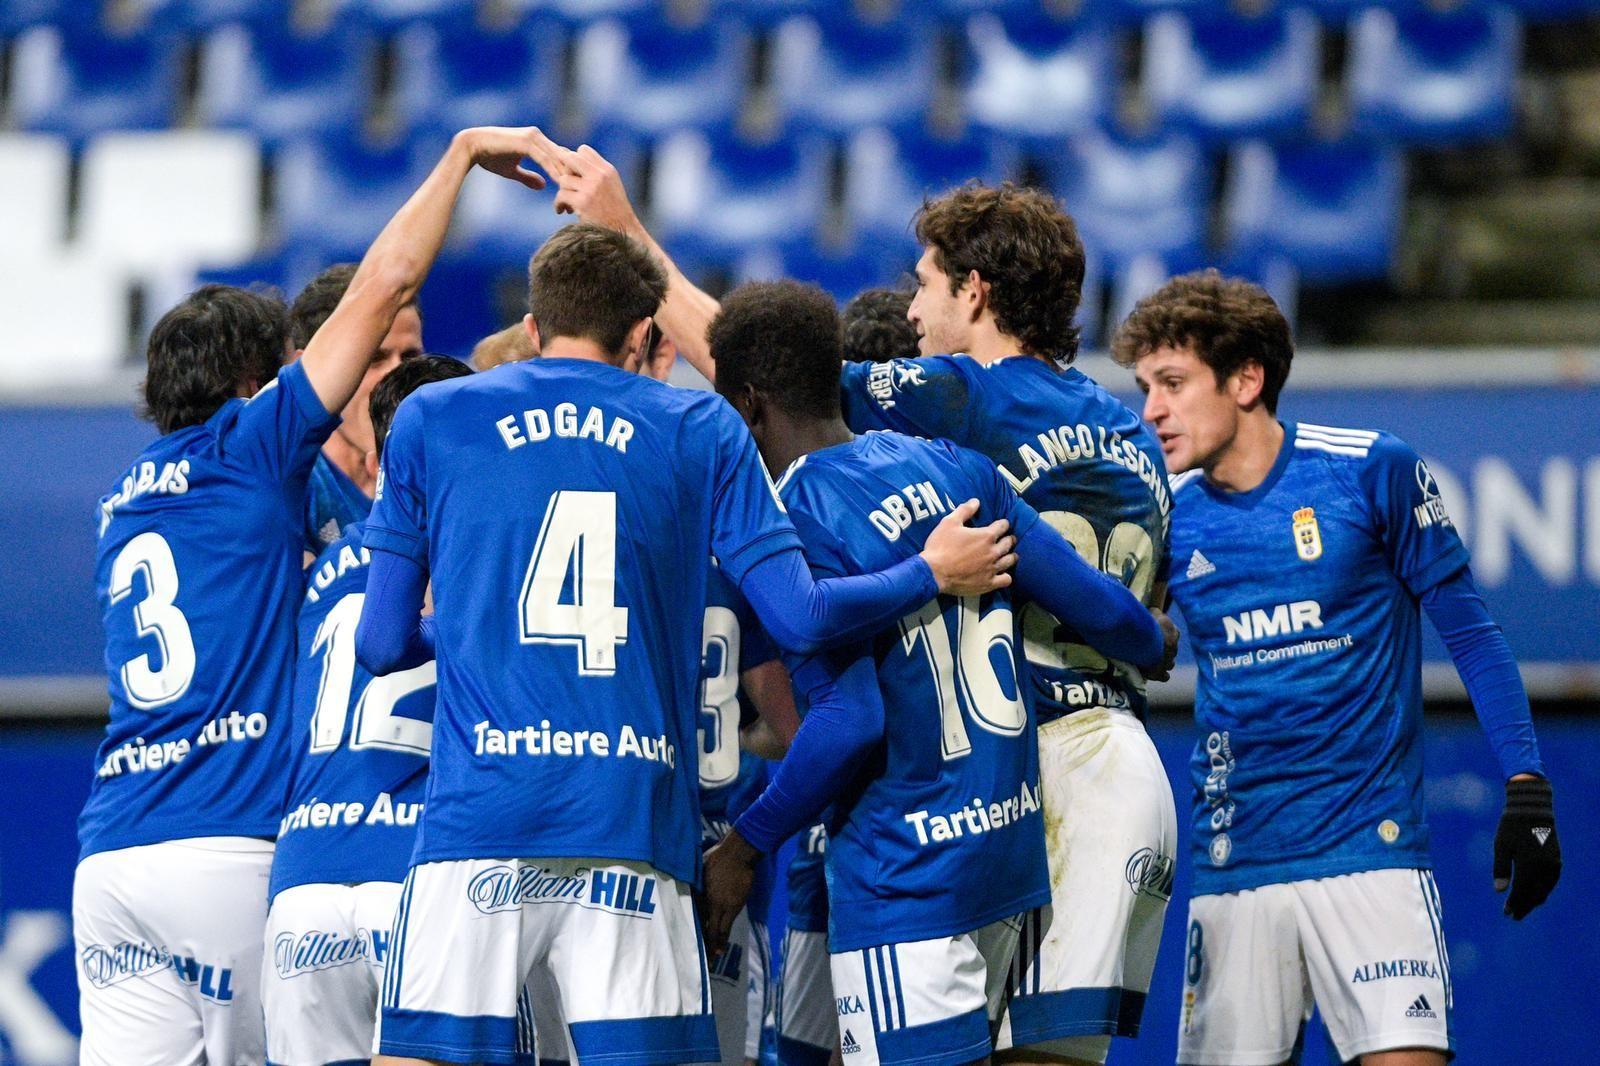 Los jugadores del Oviedo celebran uno de los goles al Tenerife